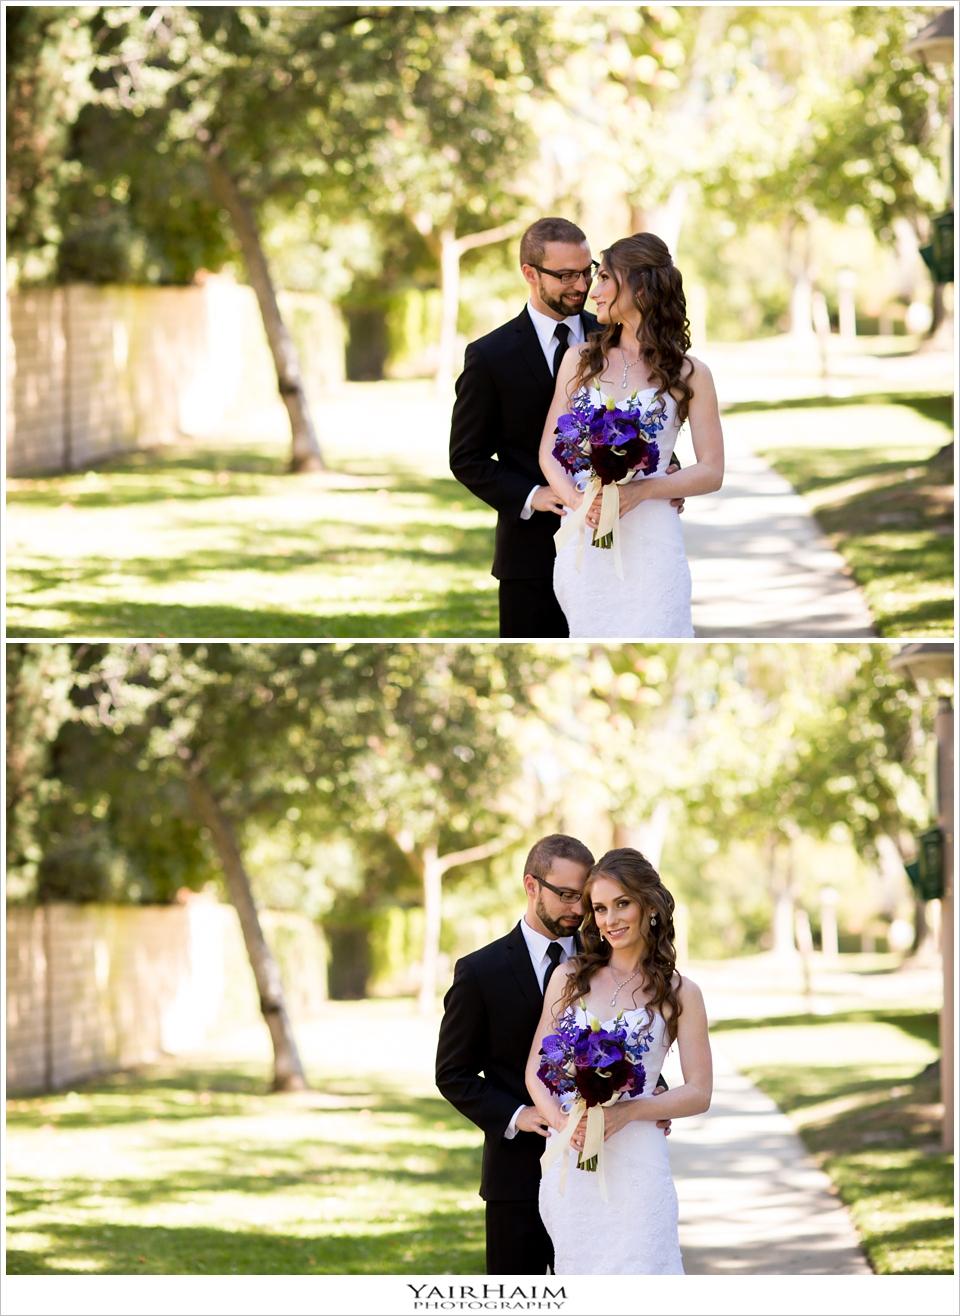 Hyatt-Westlake-Plaza-wedding-photos-Yair-Haim-Photography-10